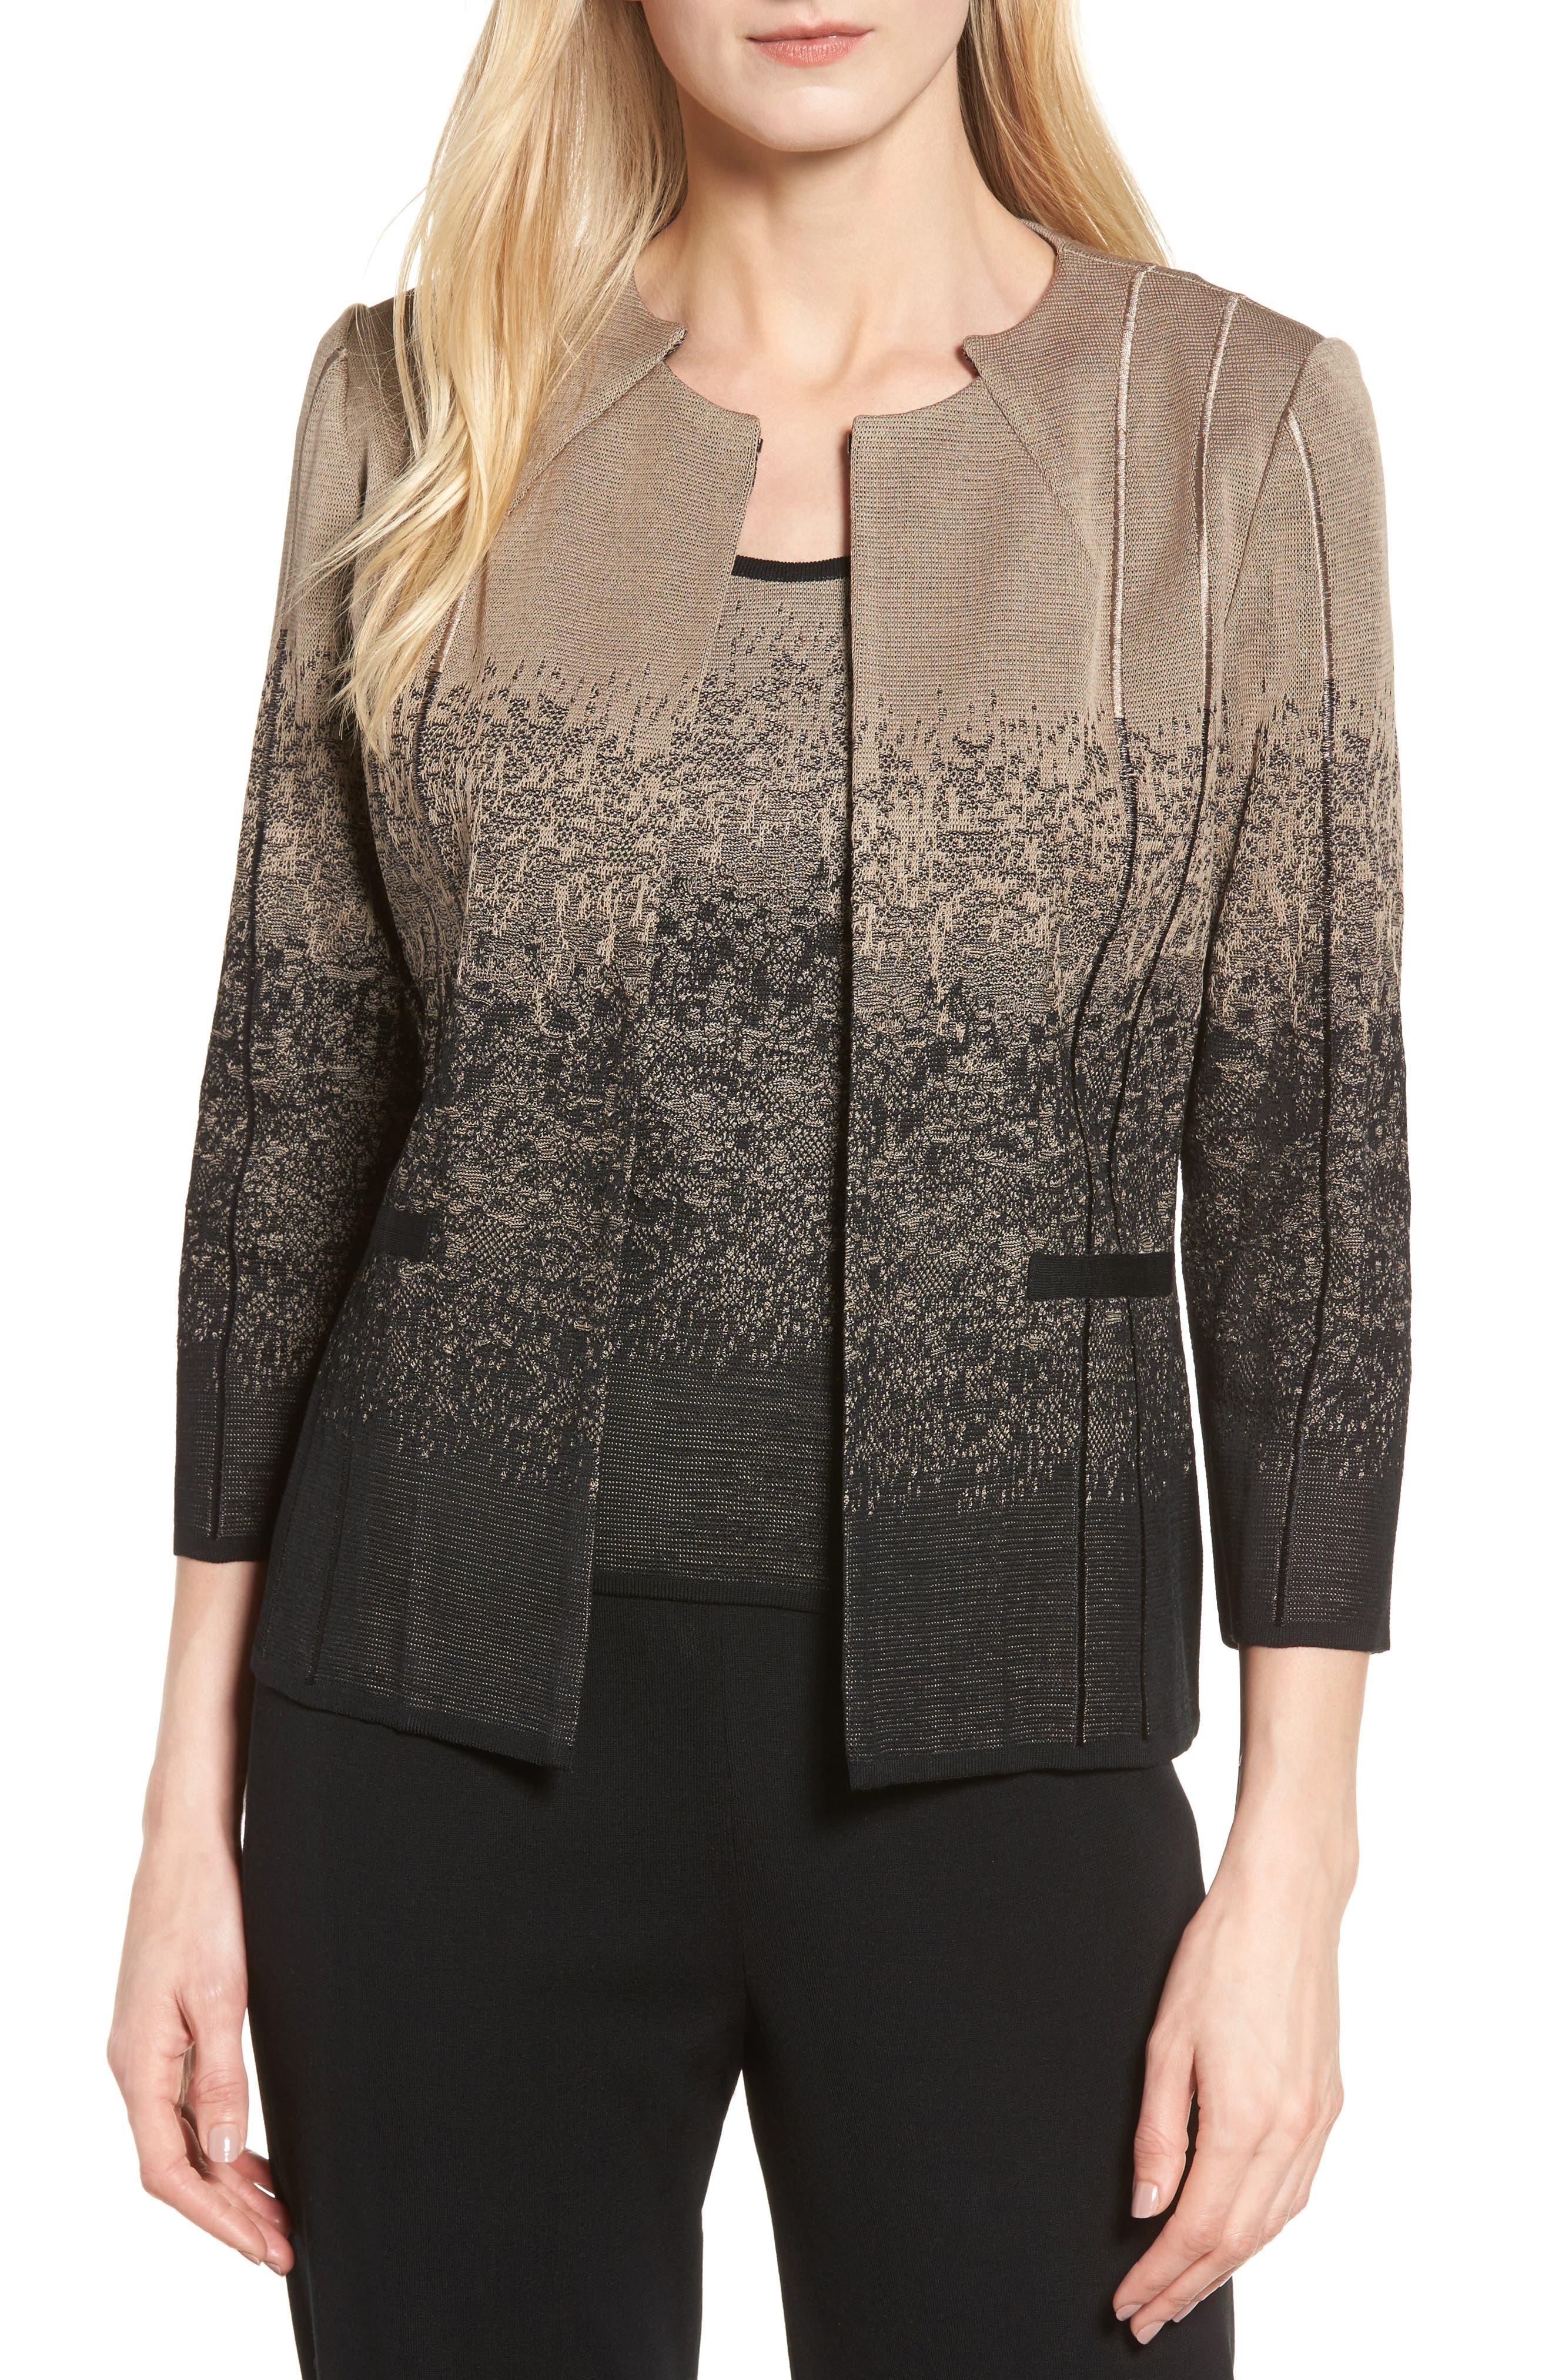 Main Image - Ming Wang Jacquard Knit Jacket